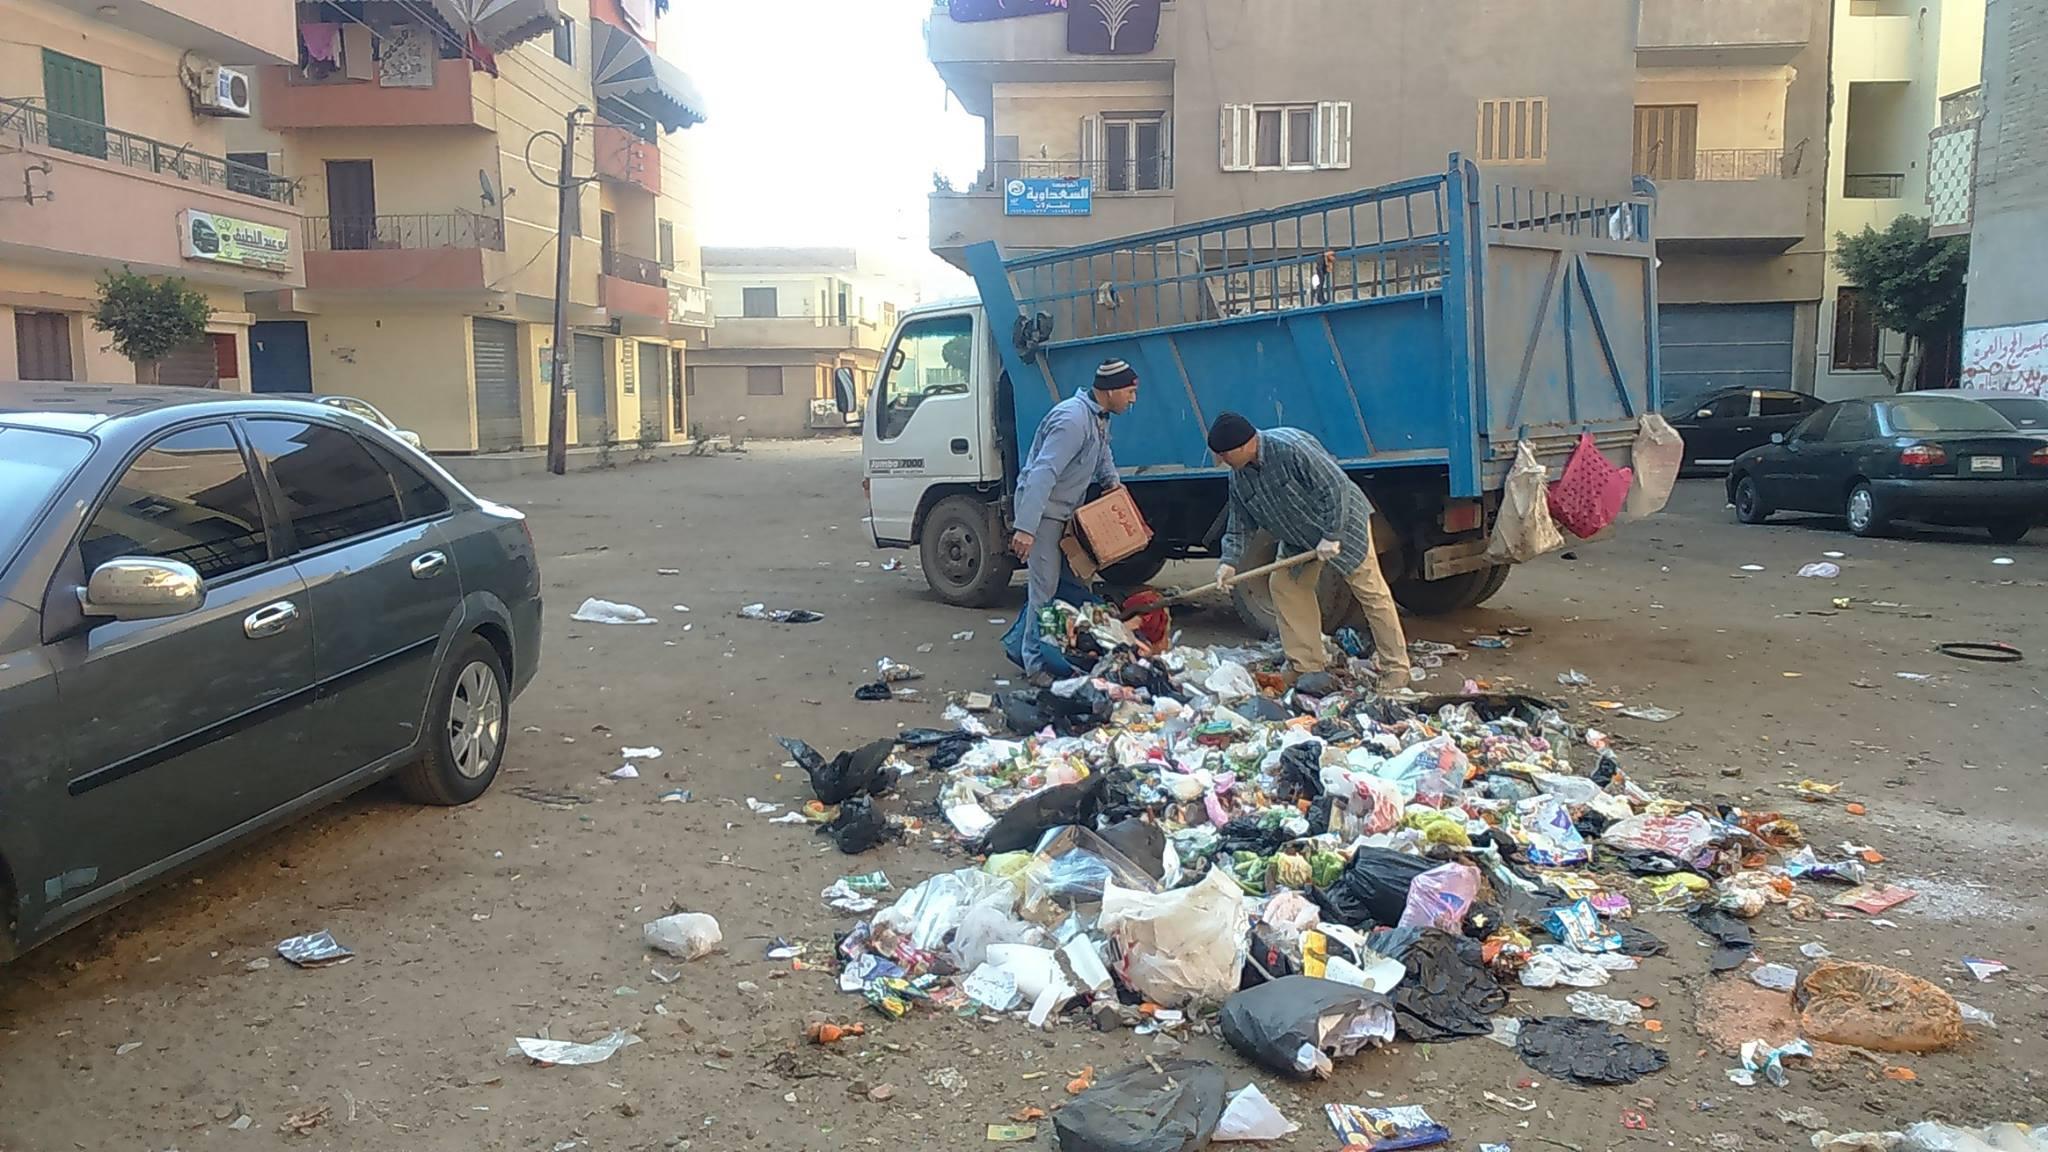 اعمال النظافة والمنتزهات بمدينة فاقوس 2